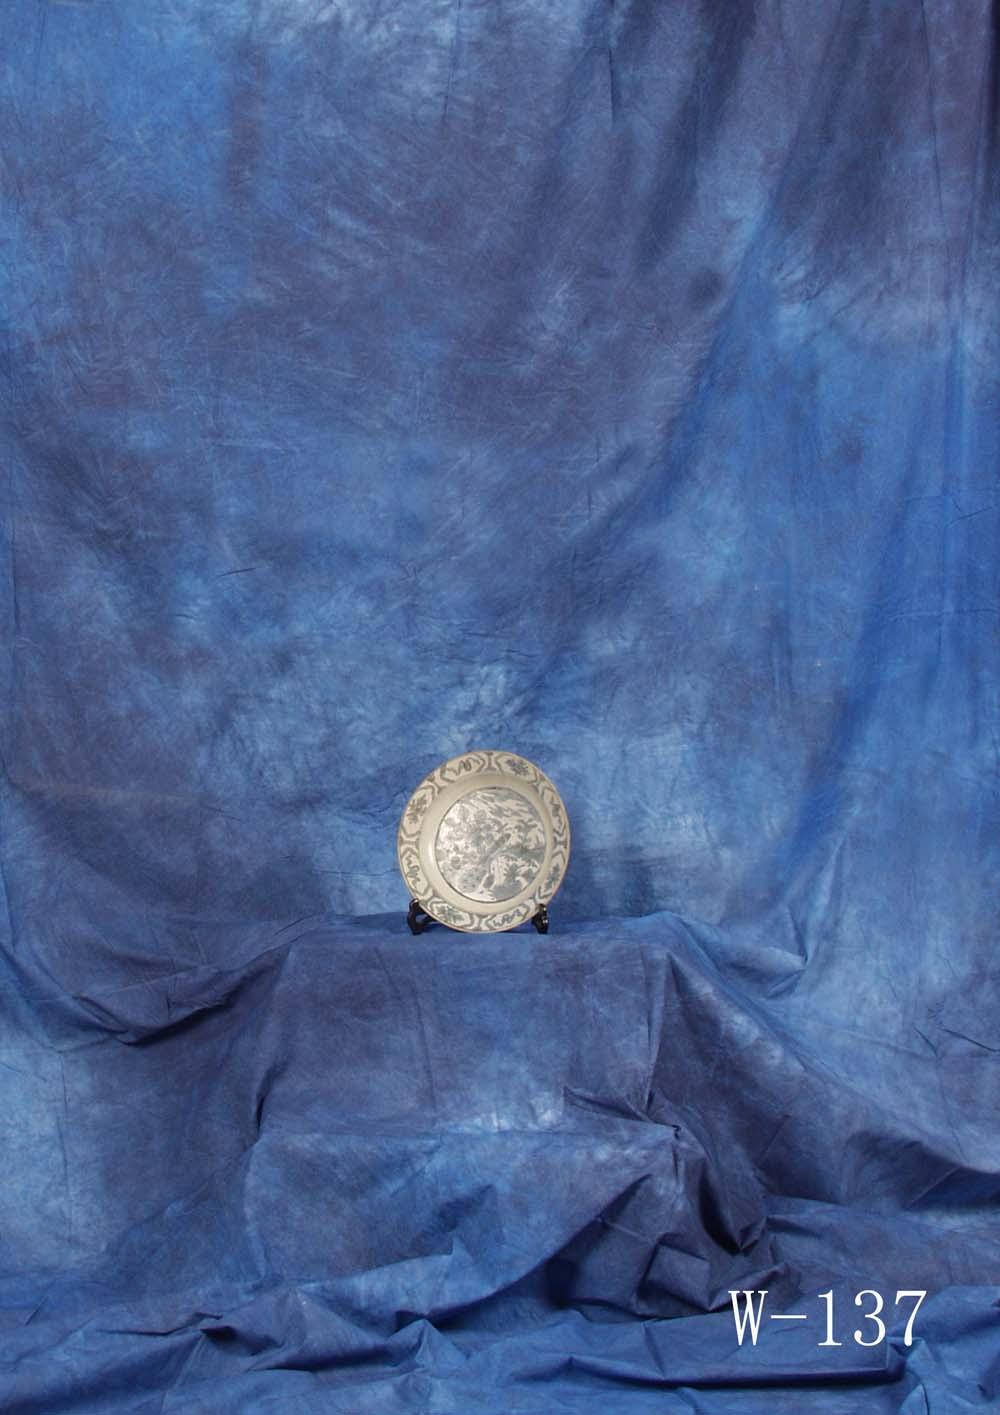 Fotostudio Hintergrund  strukturiert Blau Batik